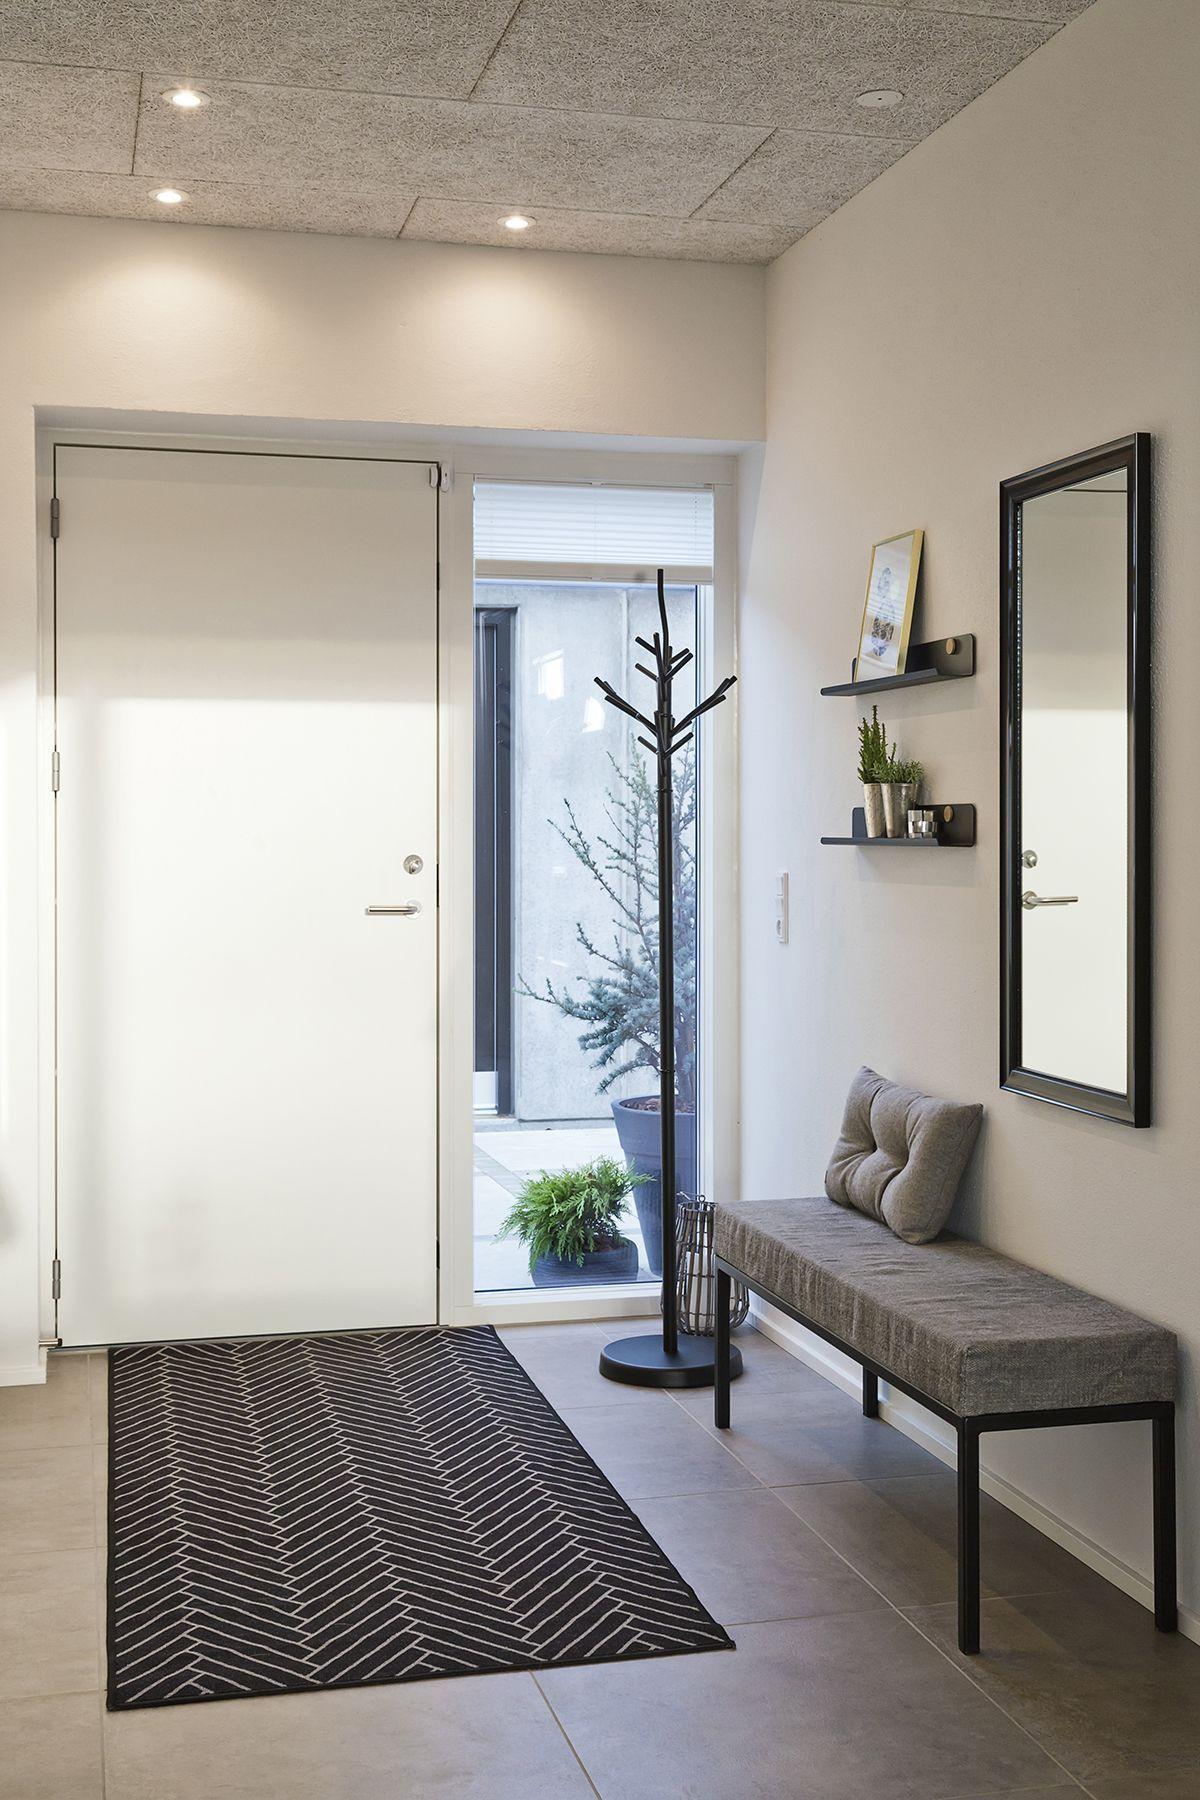 Photo of Neues Haus bauen   Bauen Sie Ihre Traumhausgalerie – Uldum Huse A / S.